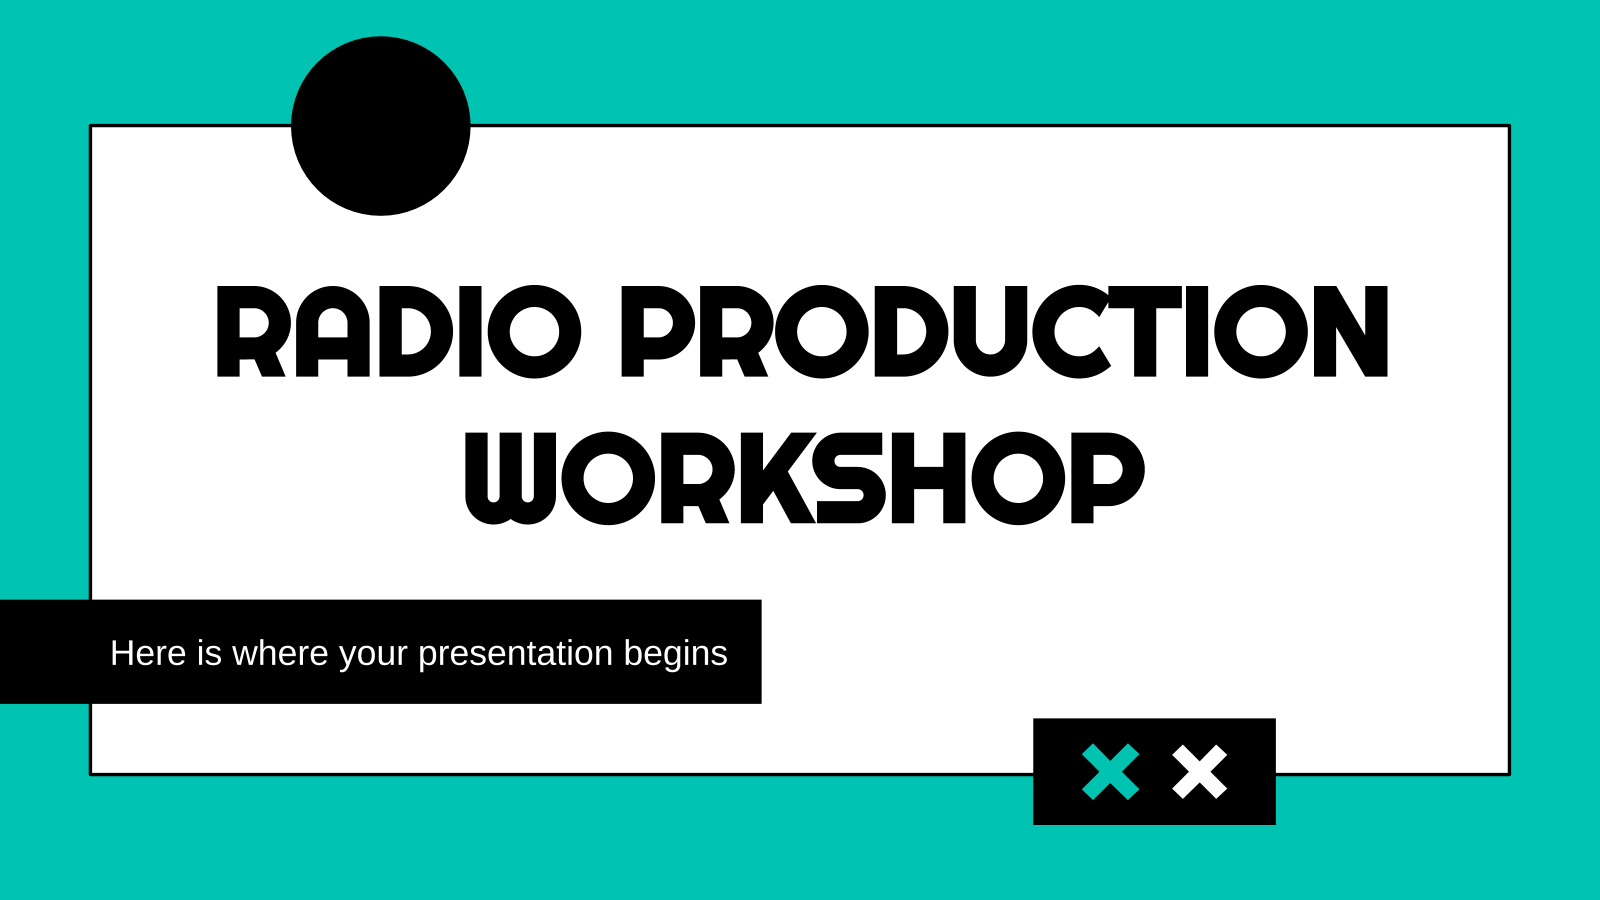 Atelier de production radio : Modèles de présentation